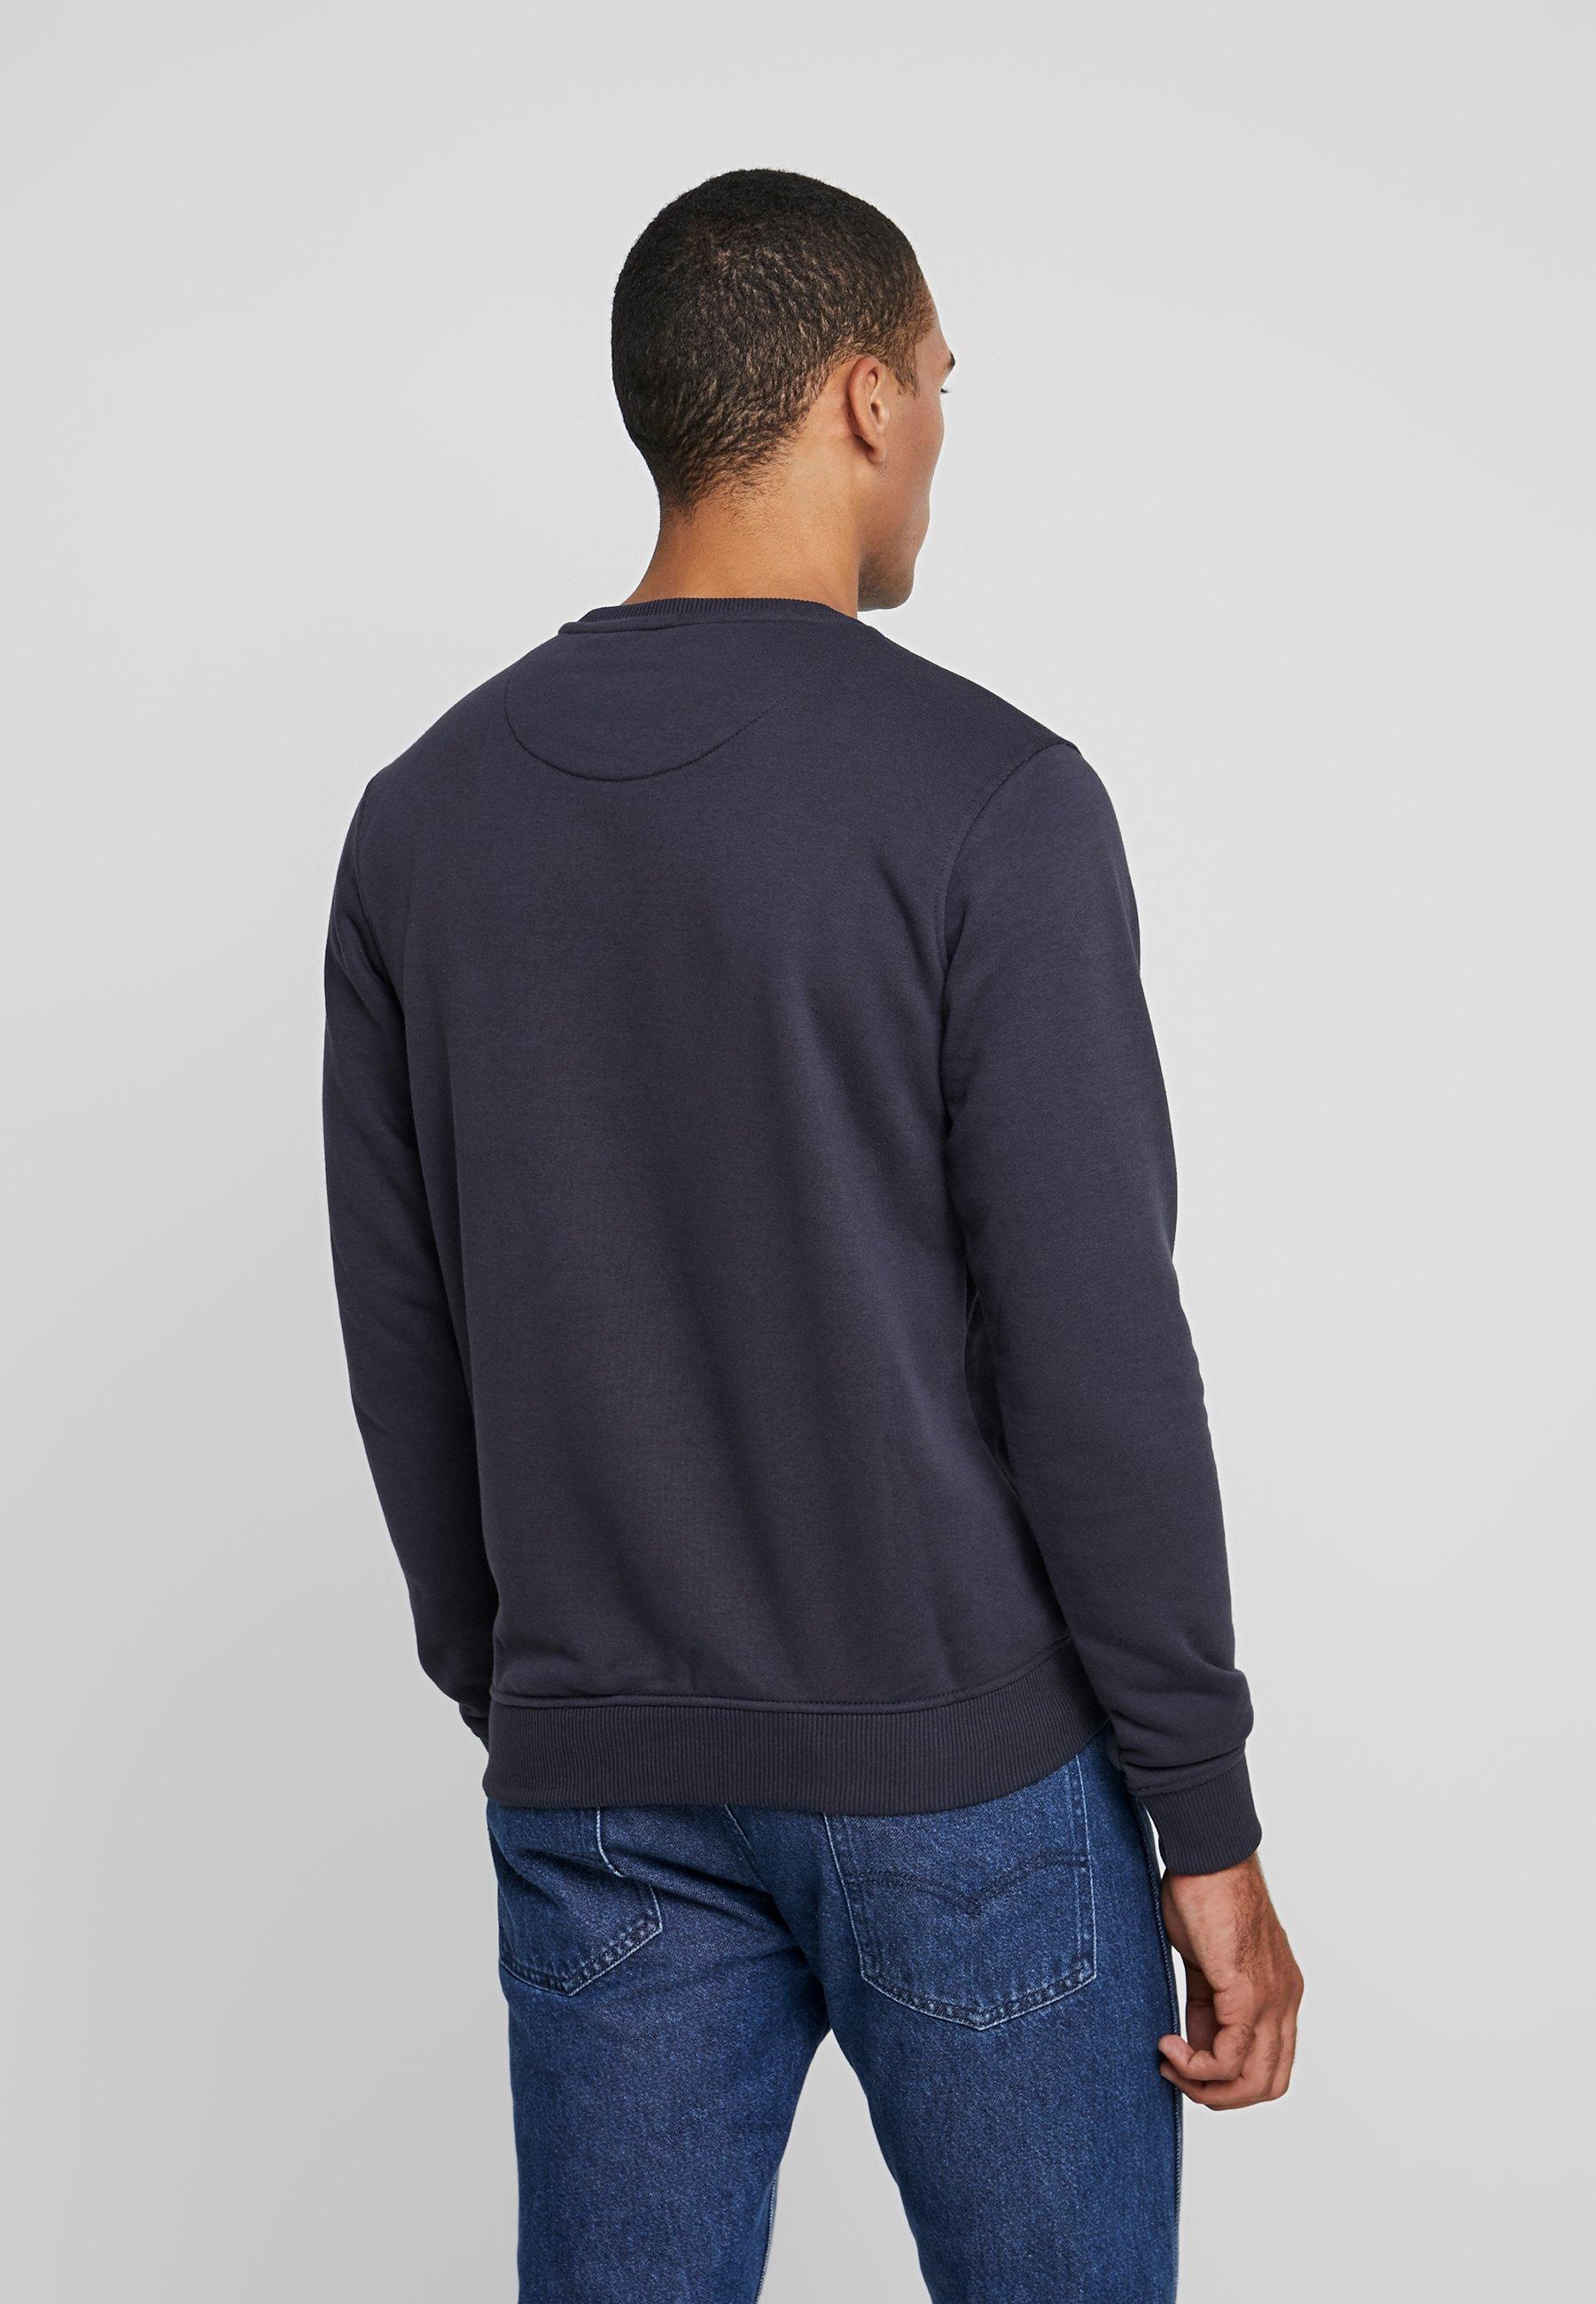 Blue Blue Navy Blue SweatshirtDark SweatshirtDark Blend Navy Blend SweatshirtDark Navy Blend Navy SweatshirtDark Blend FK1JTcl3